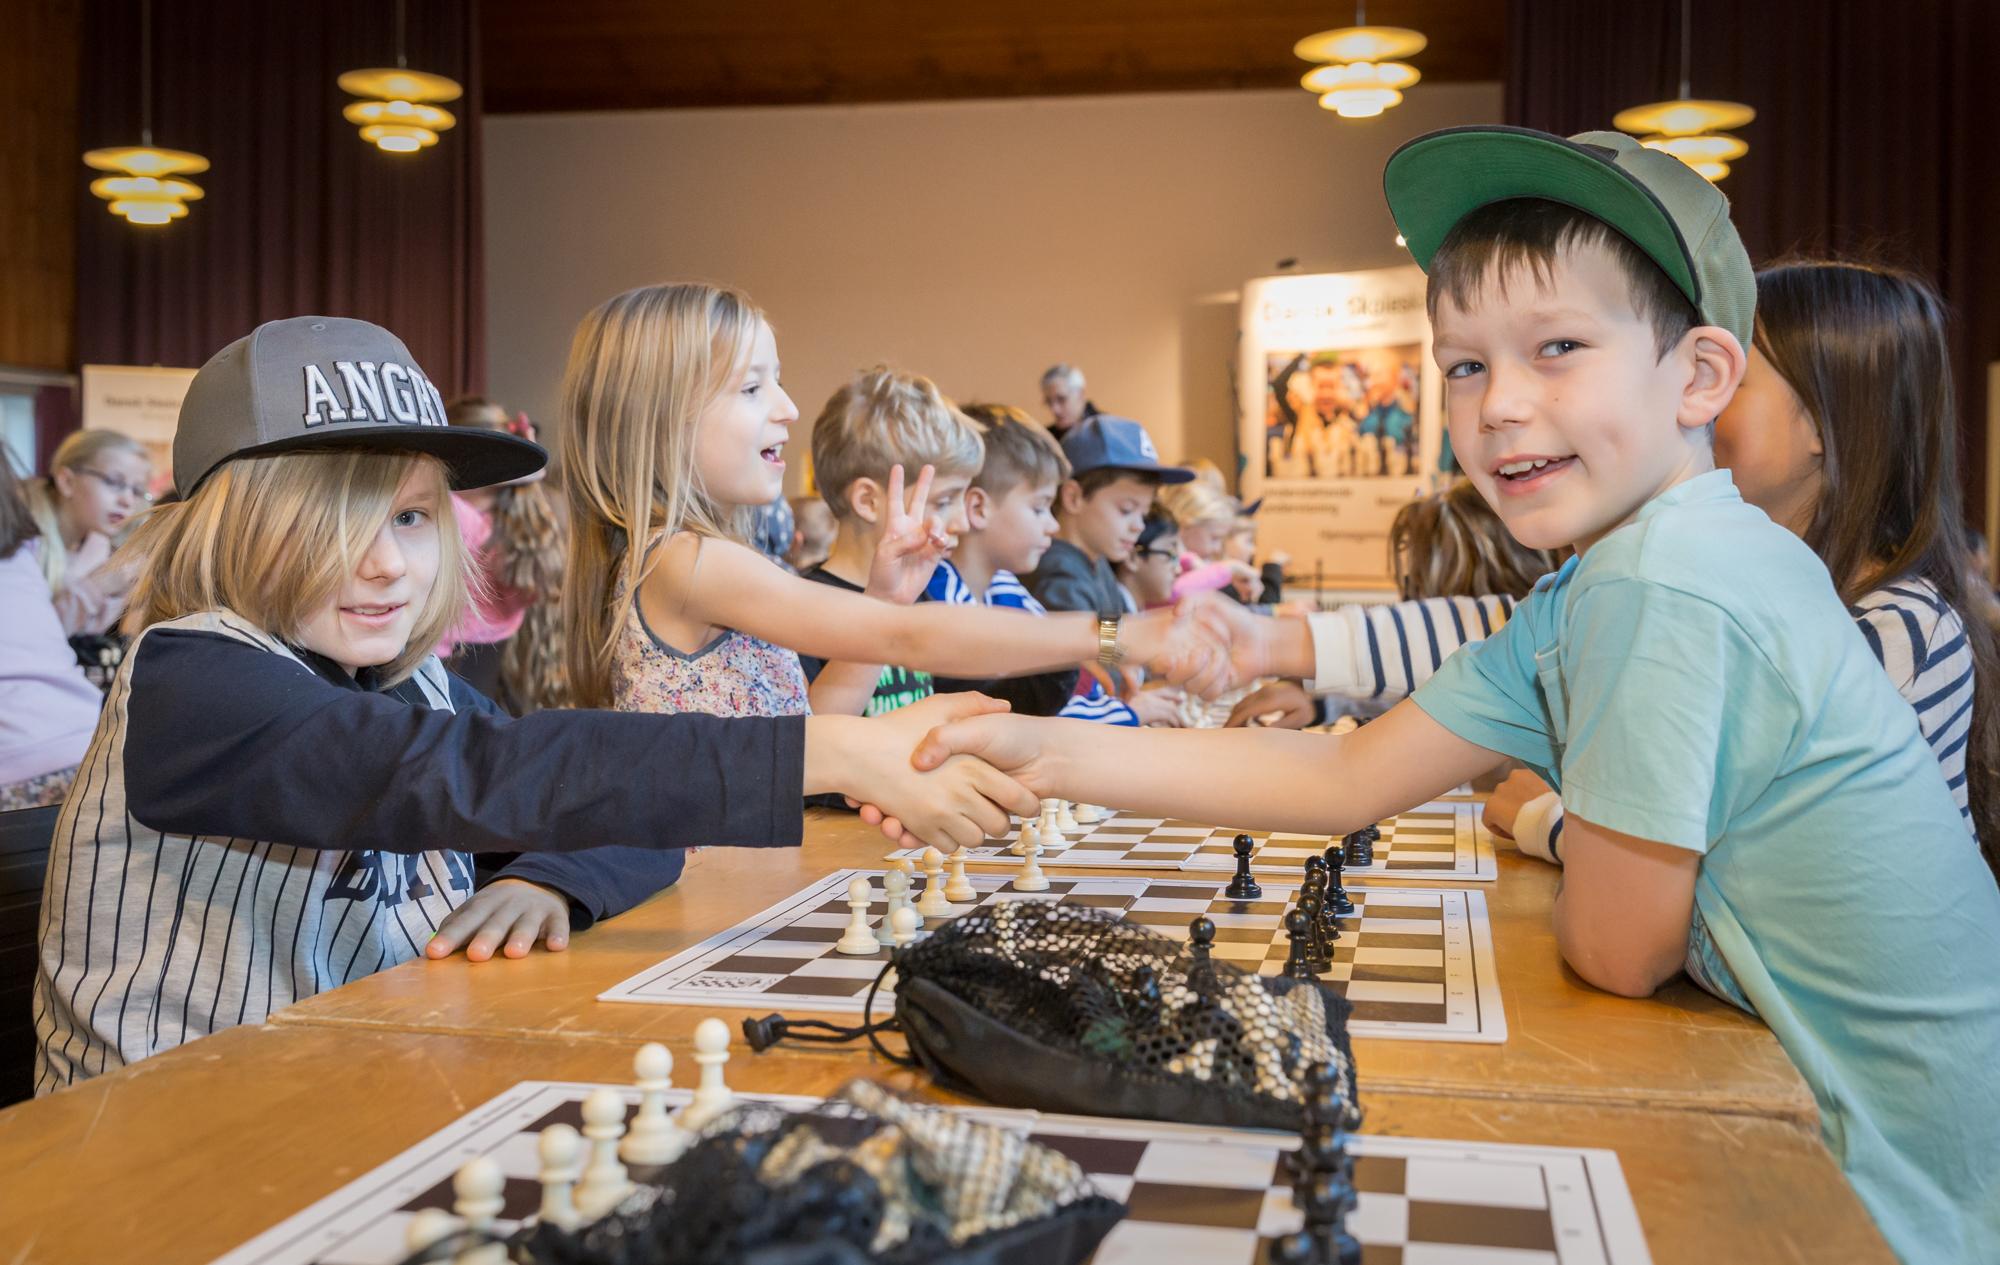 Ældgammelt brætspil med rekordstor opbakning